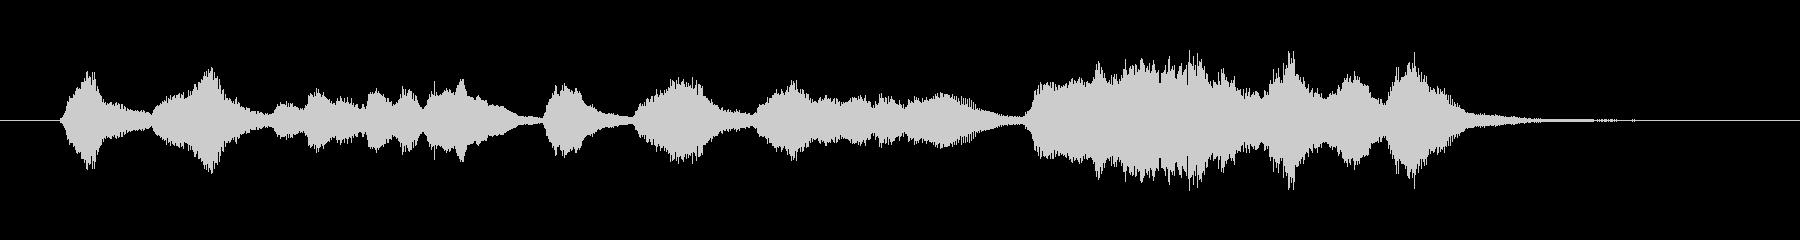 アイネクライネナハトムジーク1ジングル弦の未再生の波形